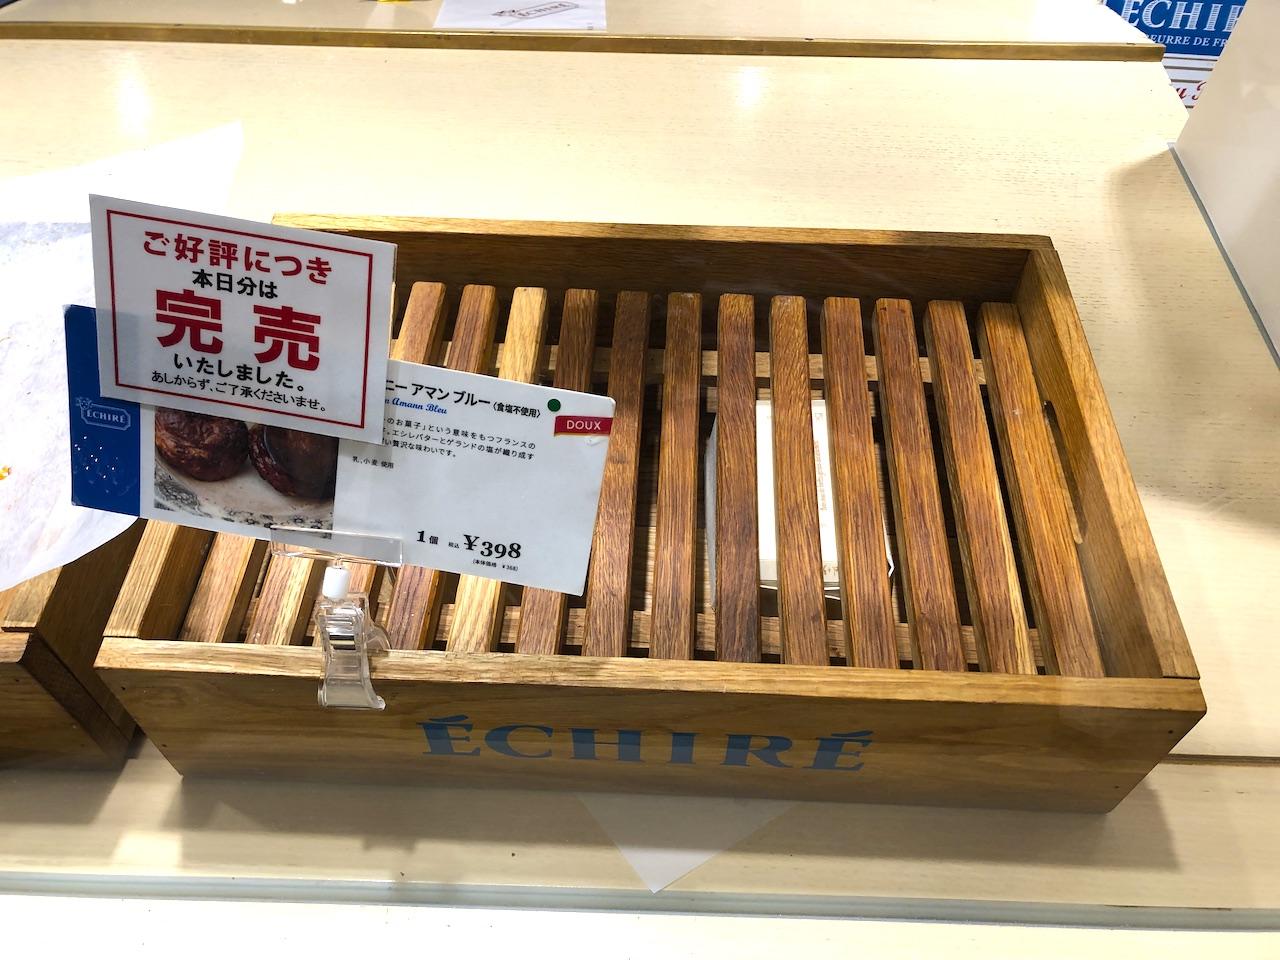 大阪でしか買えない!一生に一度は食べて欲しい、エシレの絶品クイニーアマン【エシレ・マルシェ オ ブール】